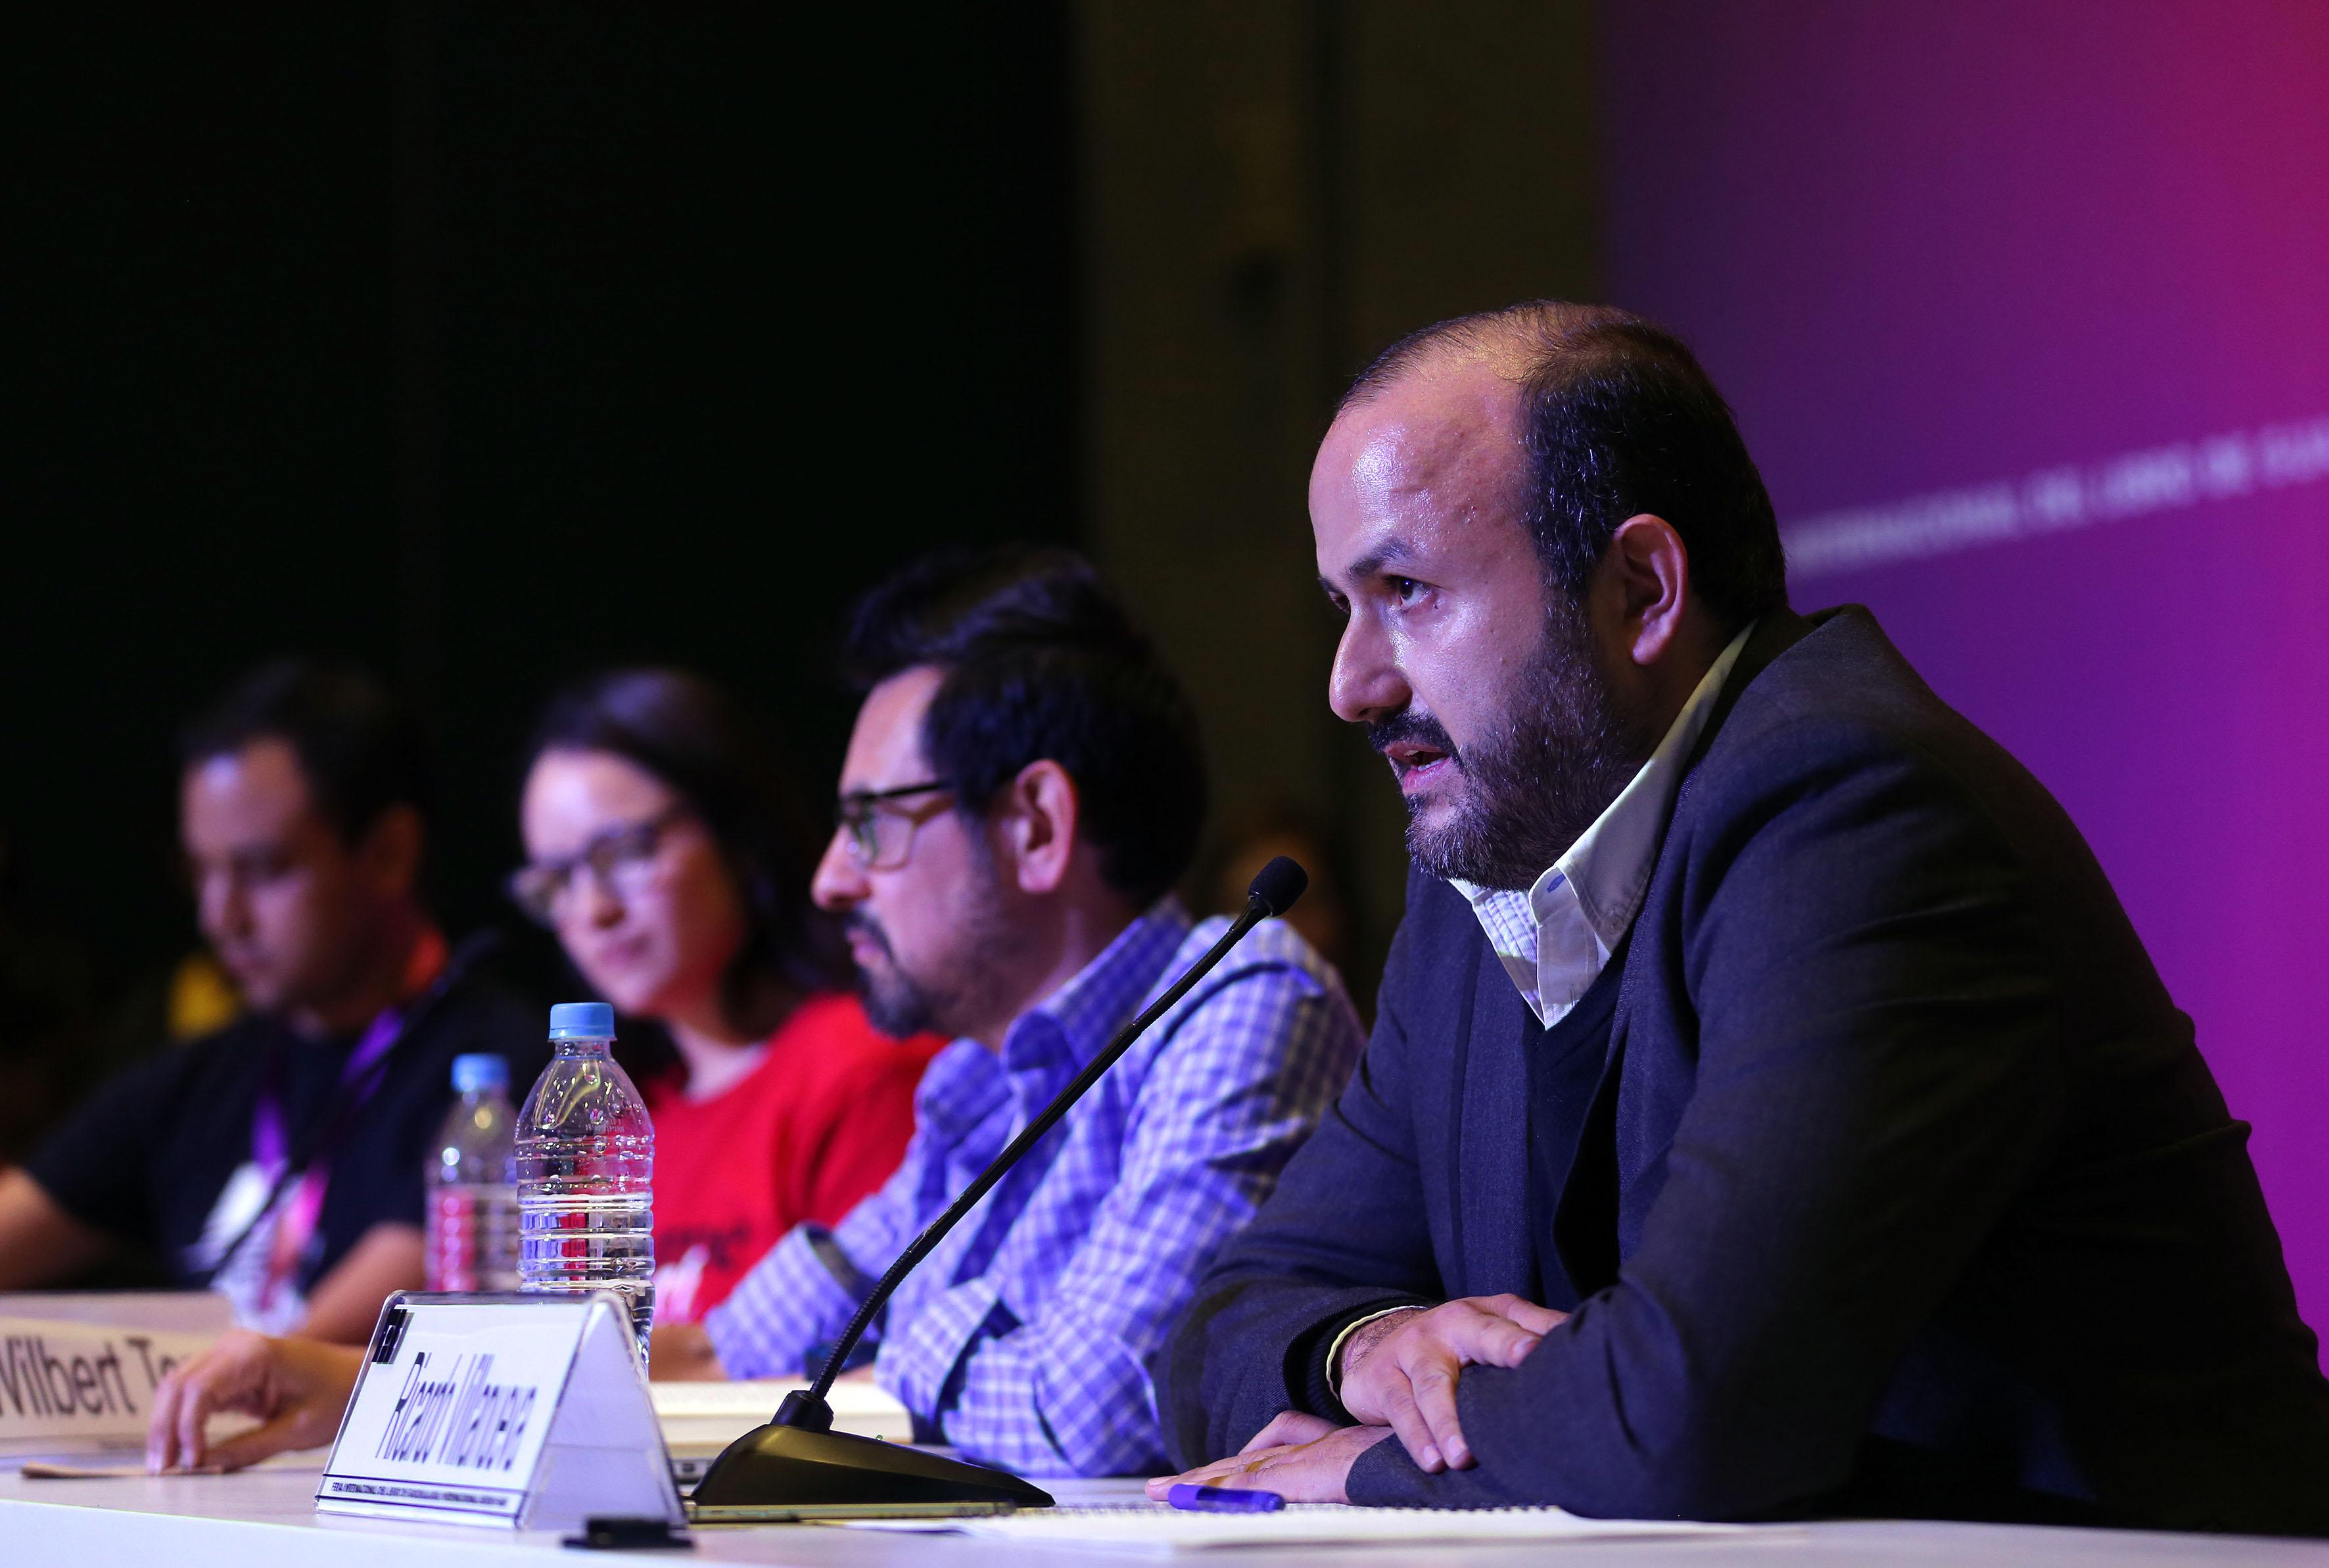 Rector del Centro Universitario de Tonalá, doctor Ricardo Villanueva Lomelí, haciendo uso de la palabra, durante Cátedra.